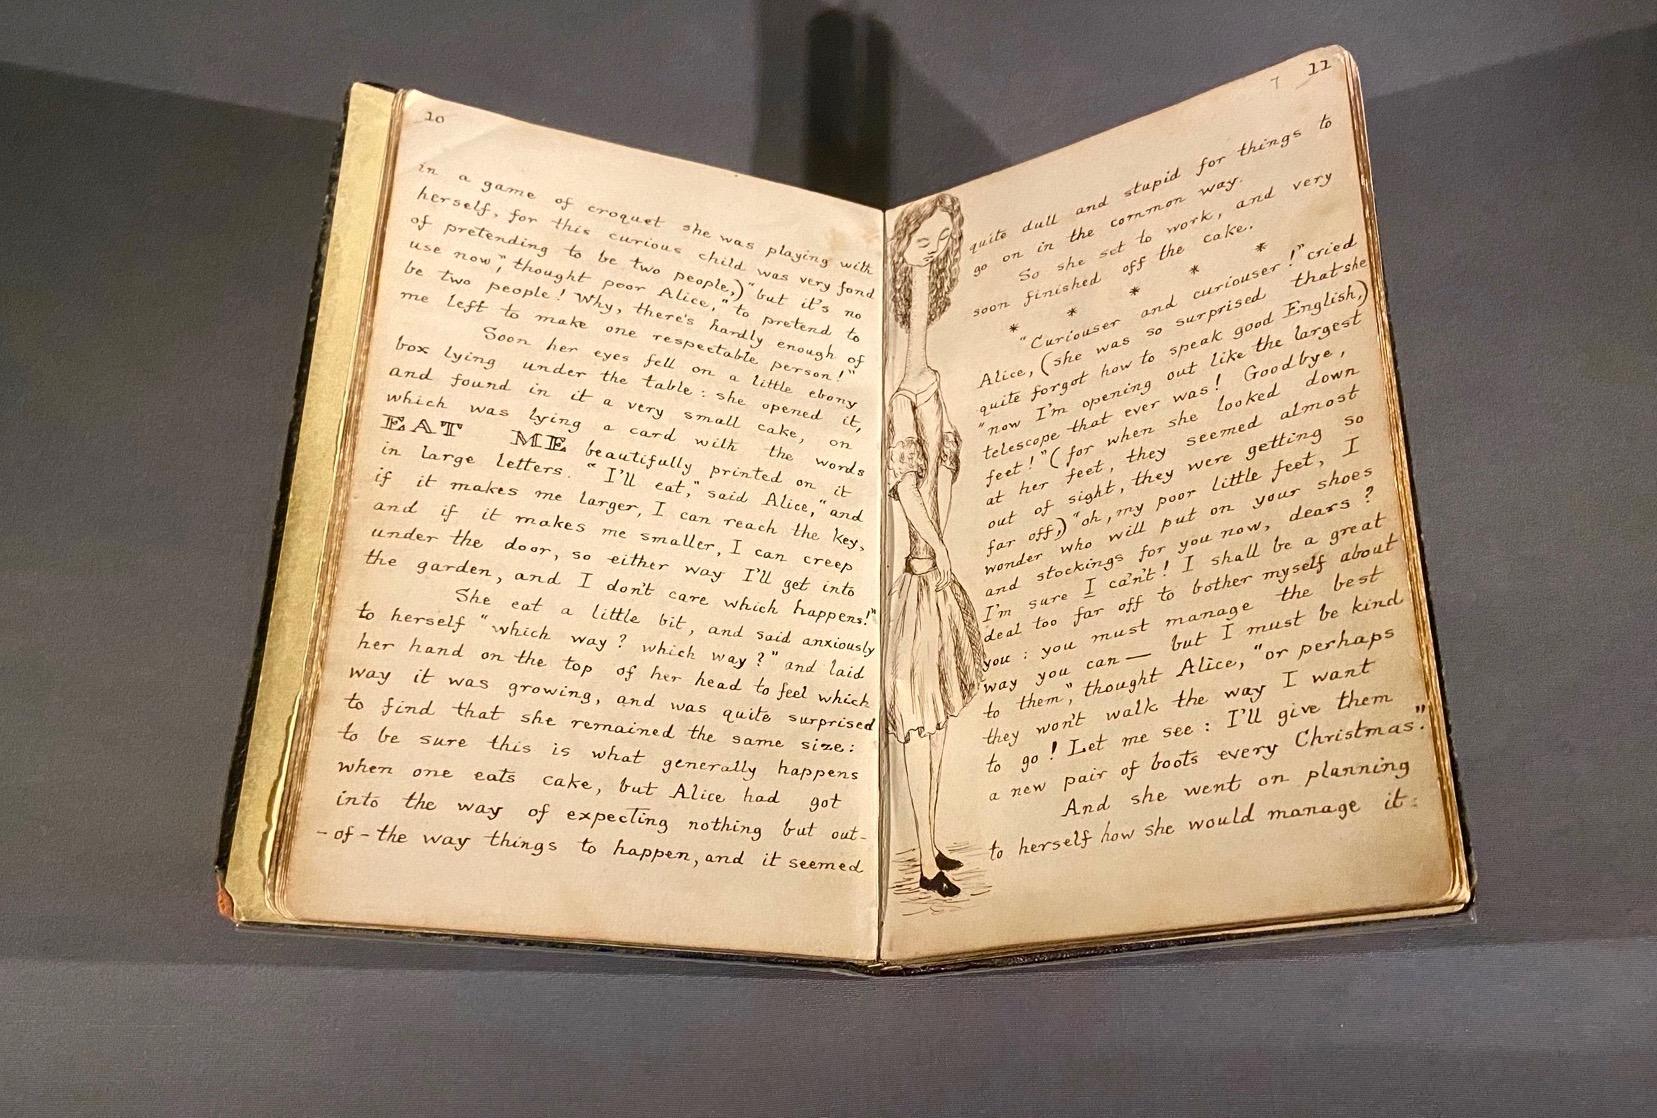 The original manuscript of Alice's Adventures Underground